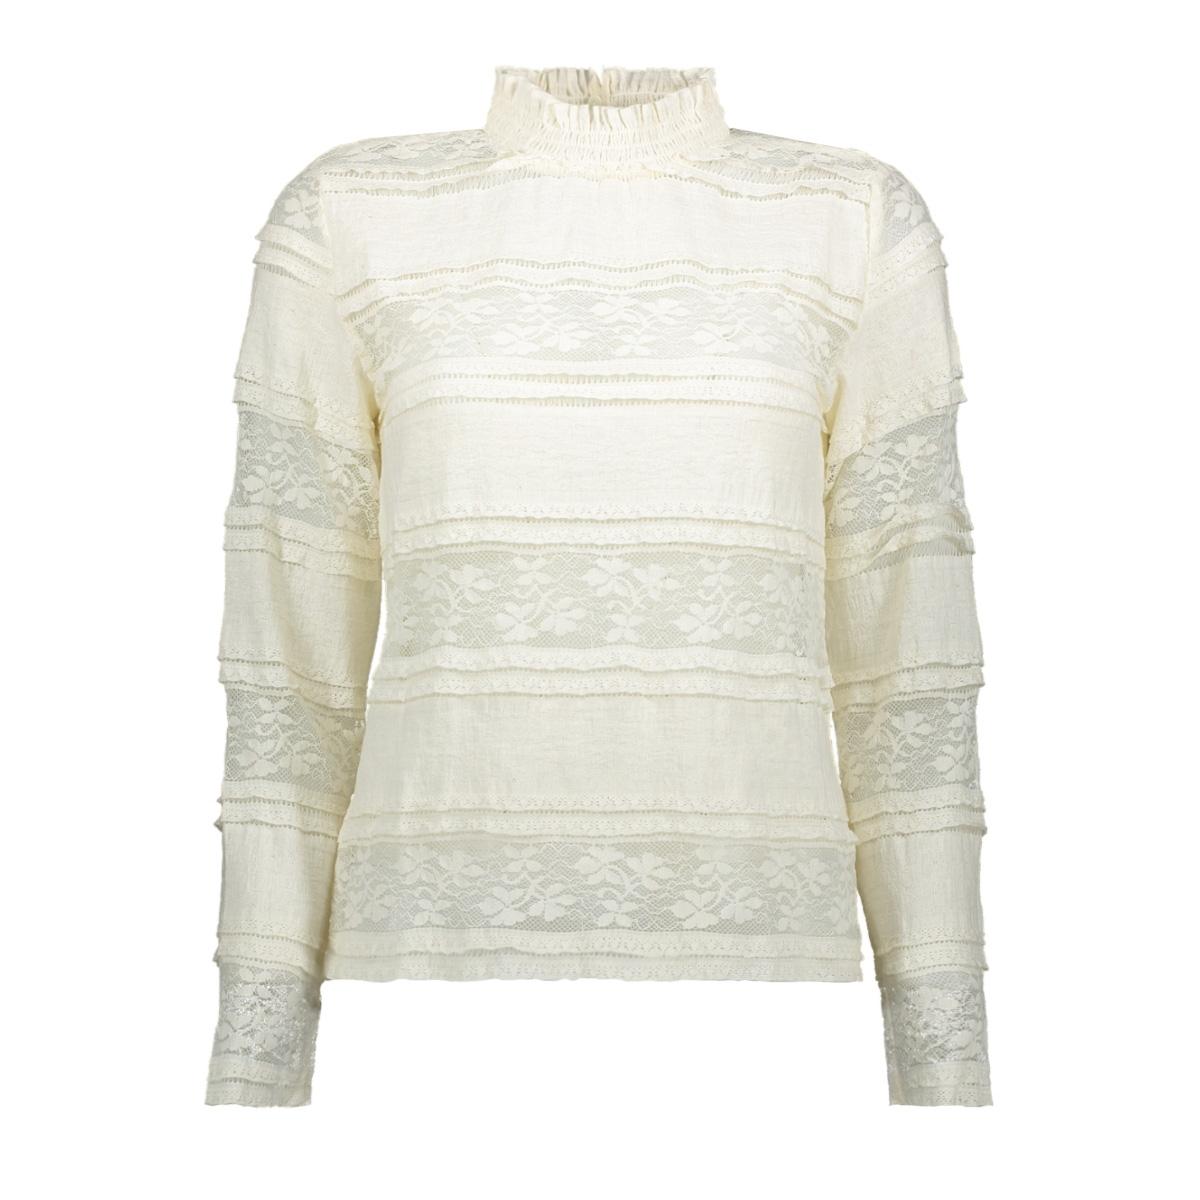 vmthea l/s lace top fd18 10214947 vero moda t-shirt pristine